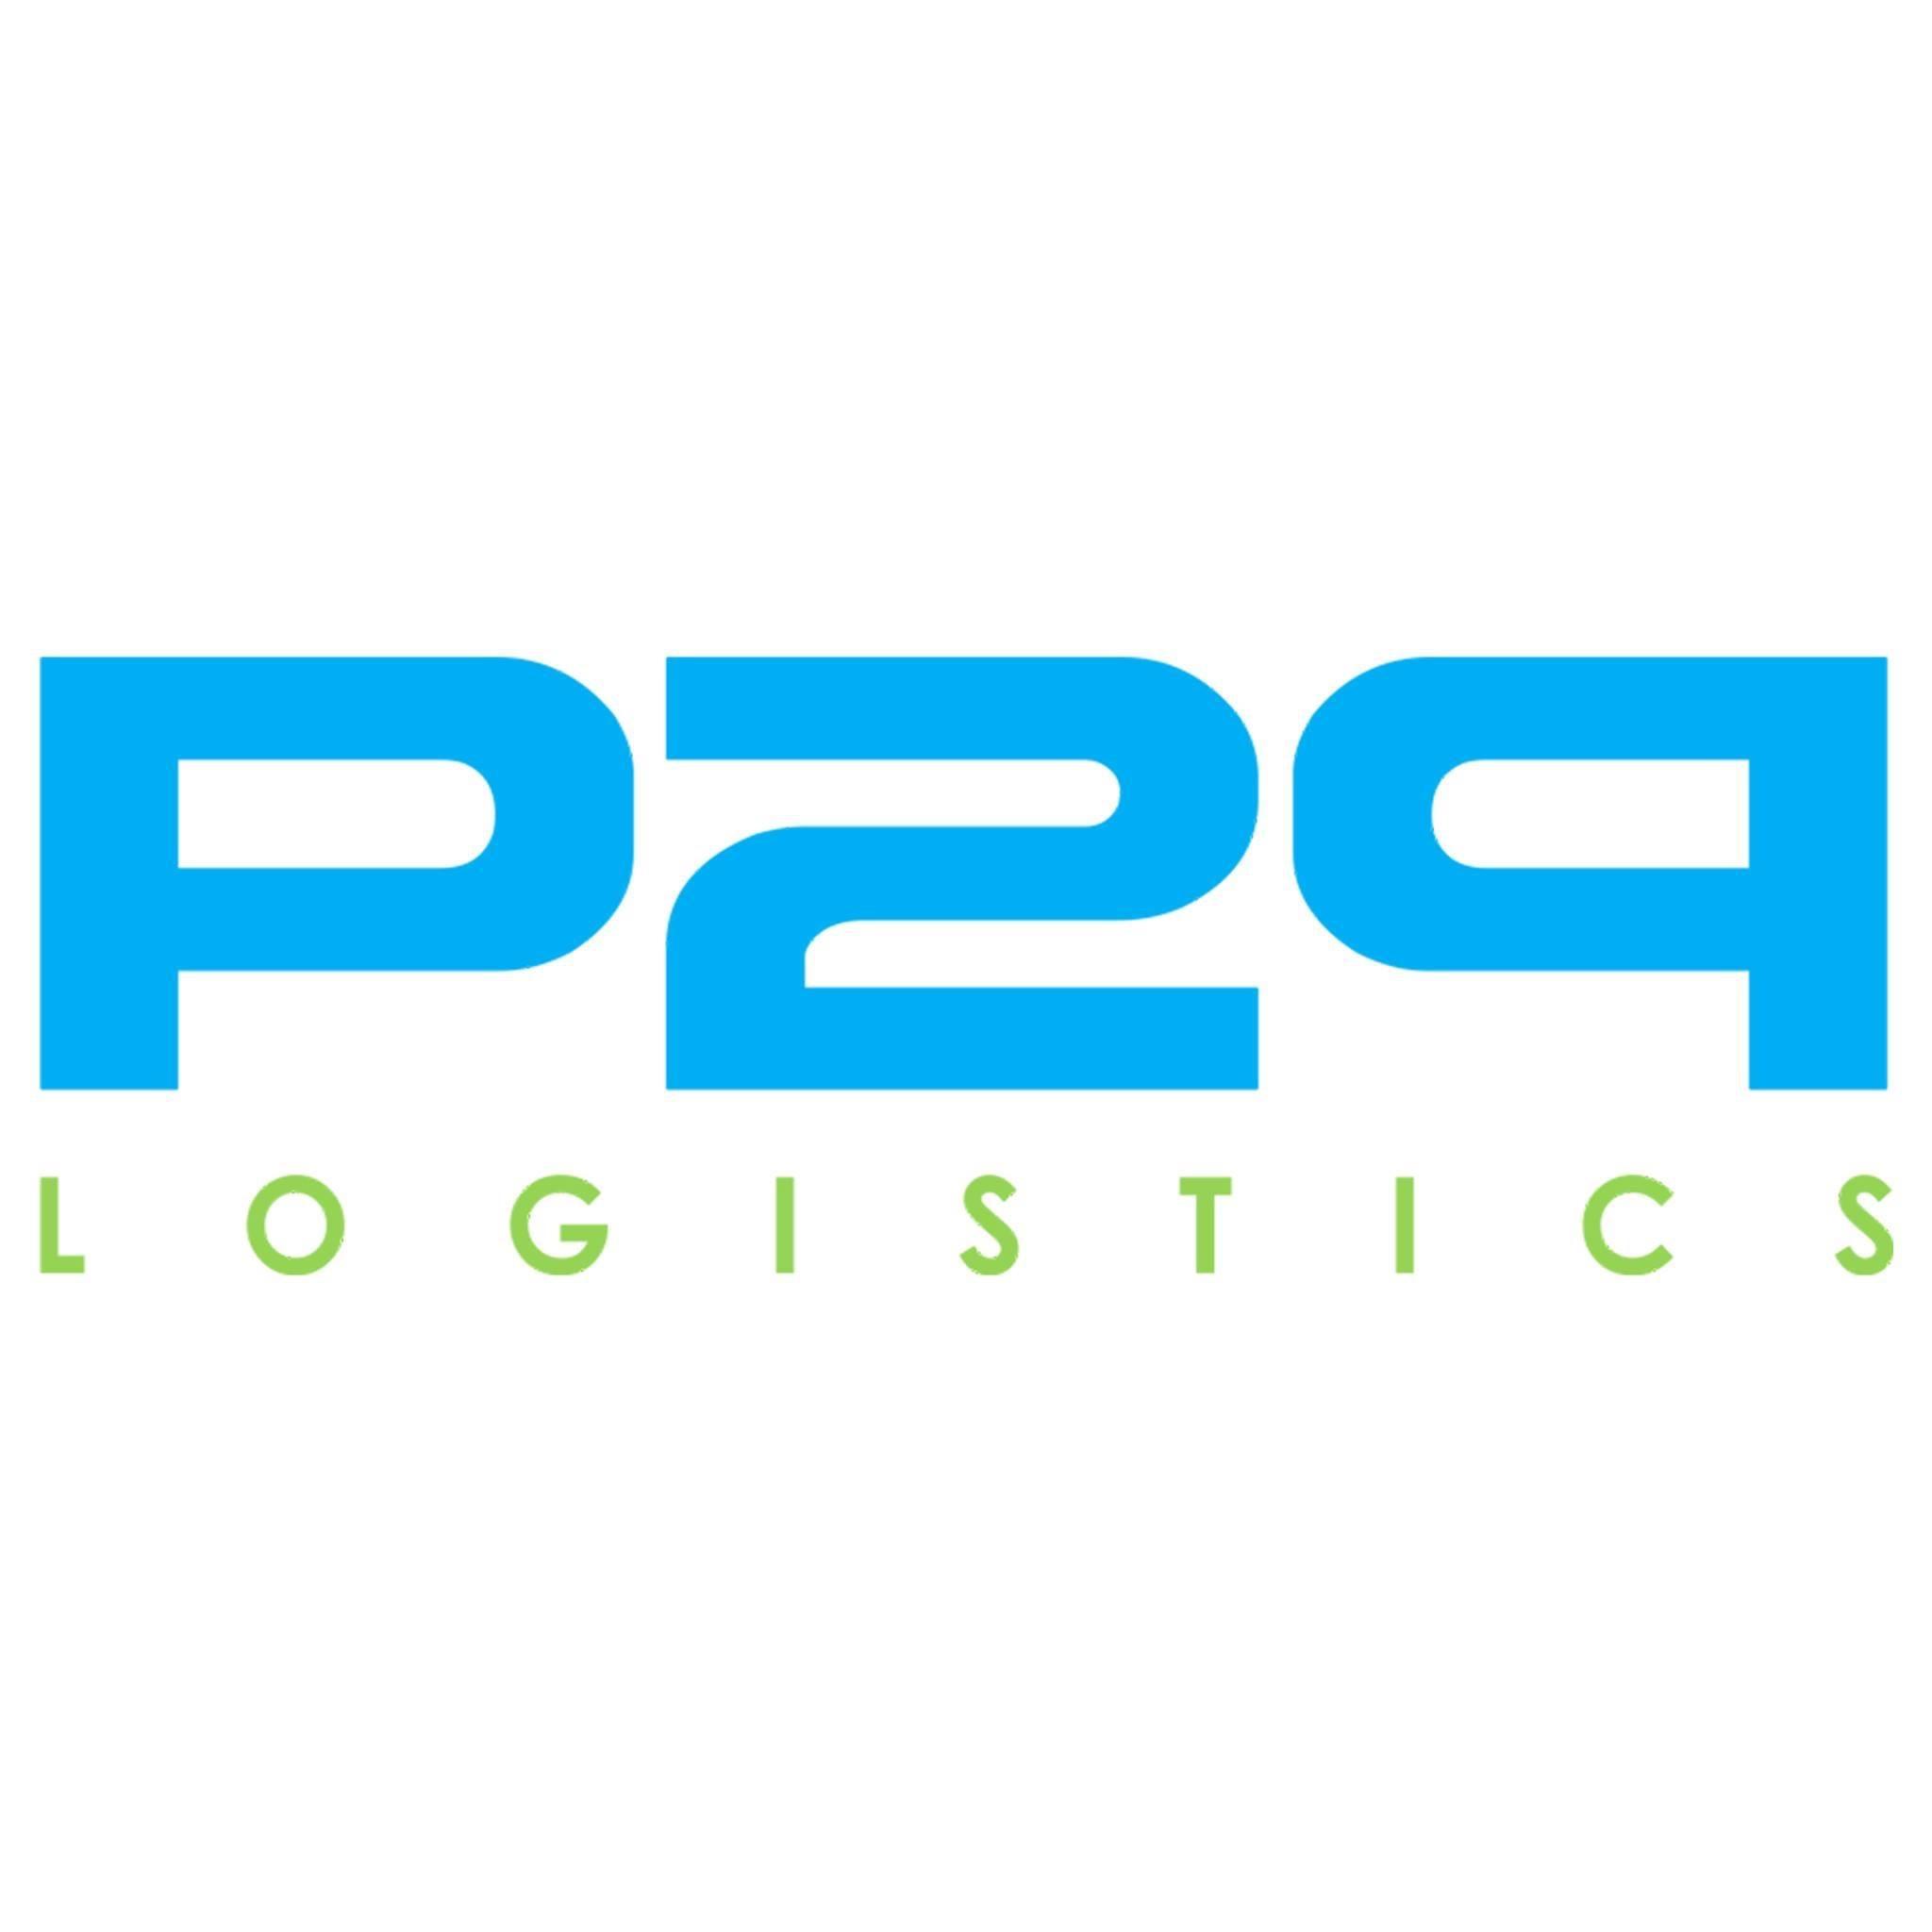 P2P Logistics Support